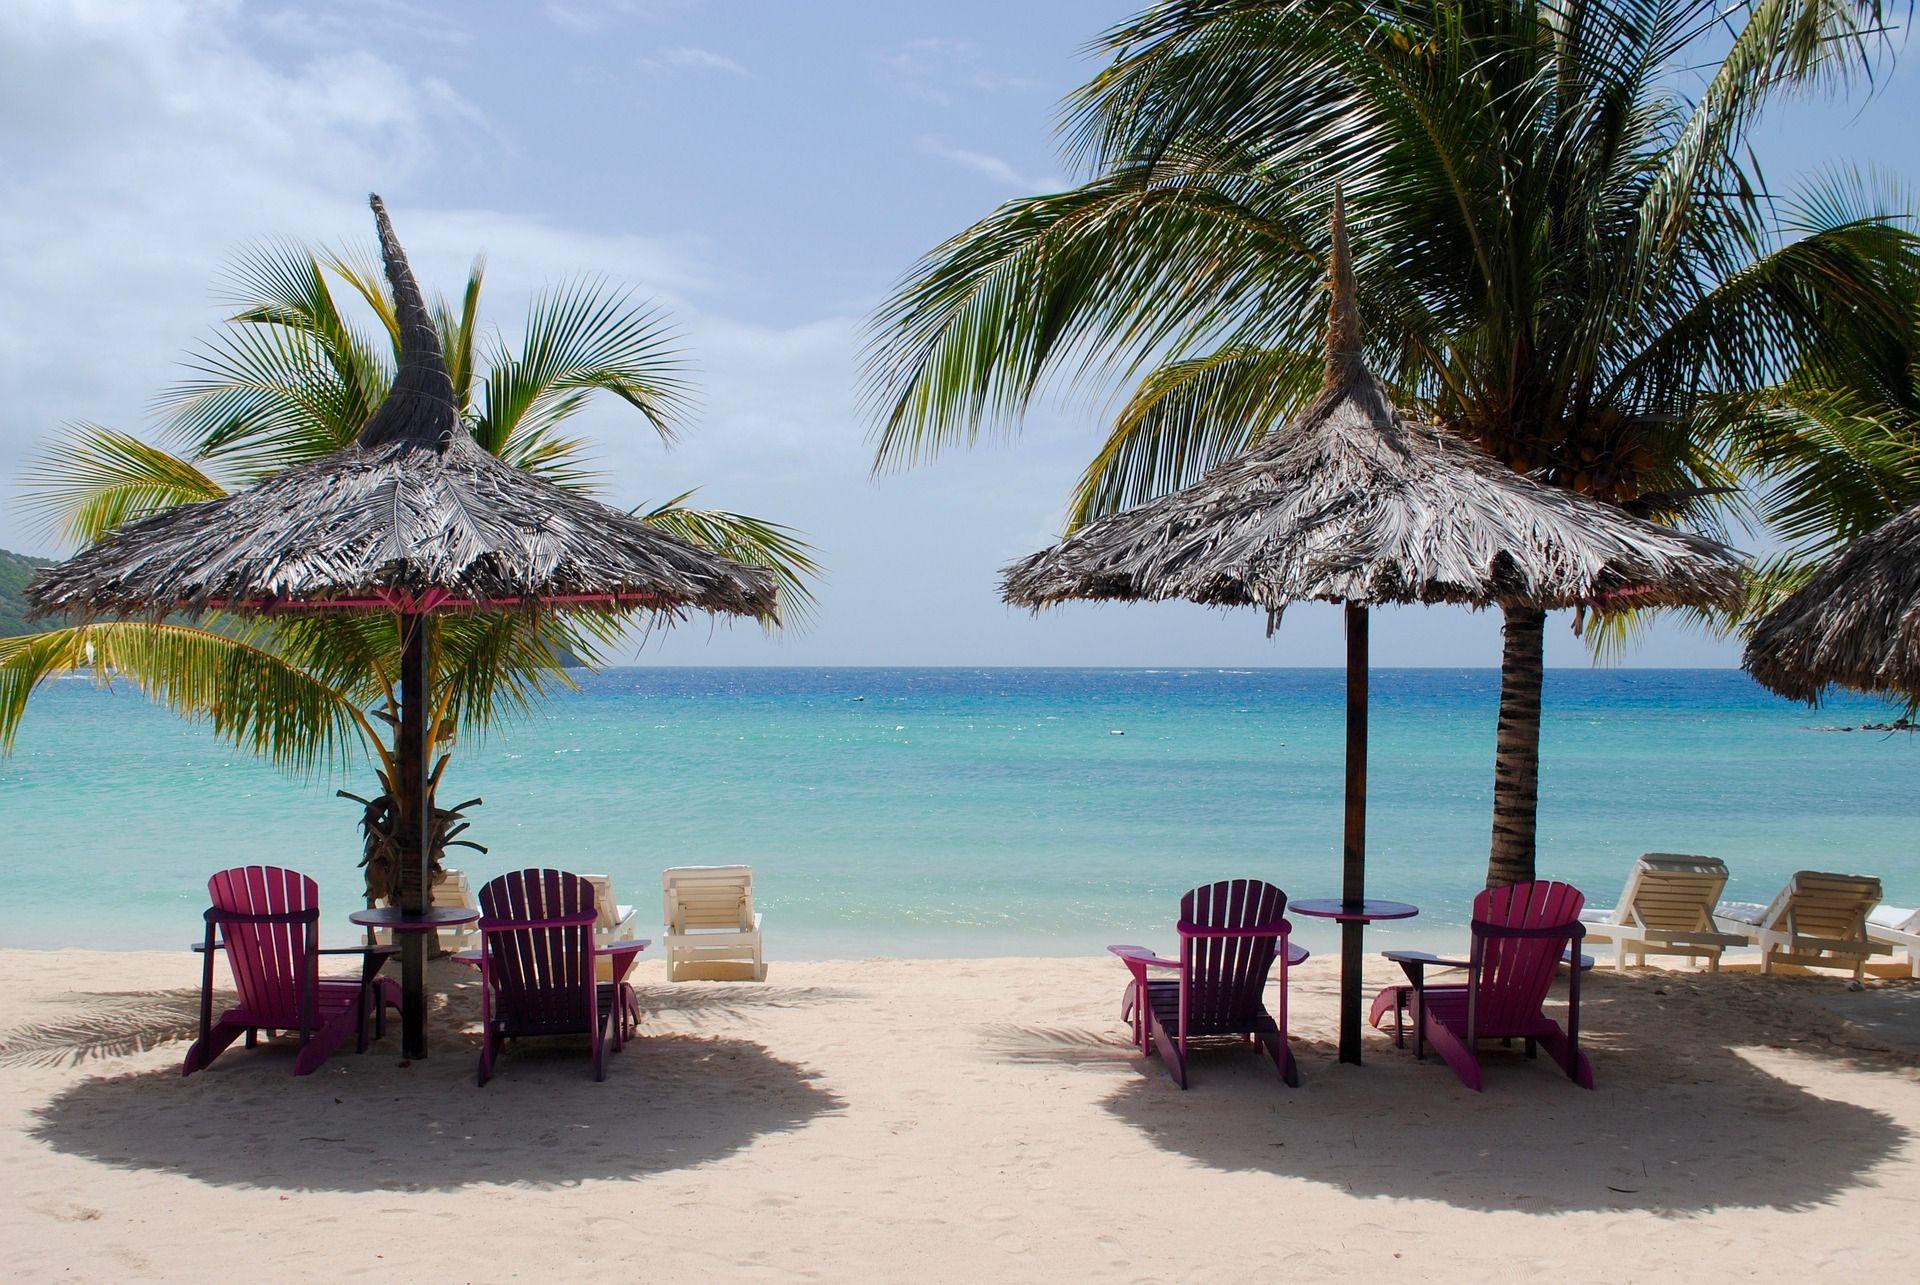 La contribución del turismo al PBI del Caribe podría registrar un crecimiento del 47,3%, en comparación a 2020.